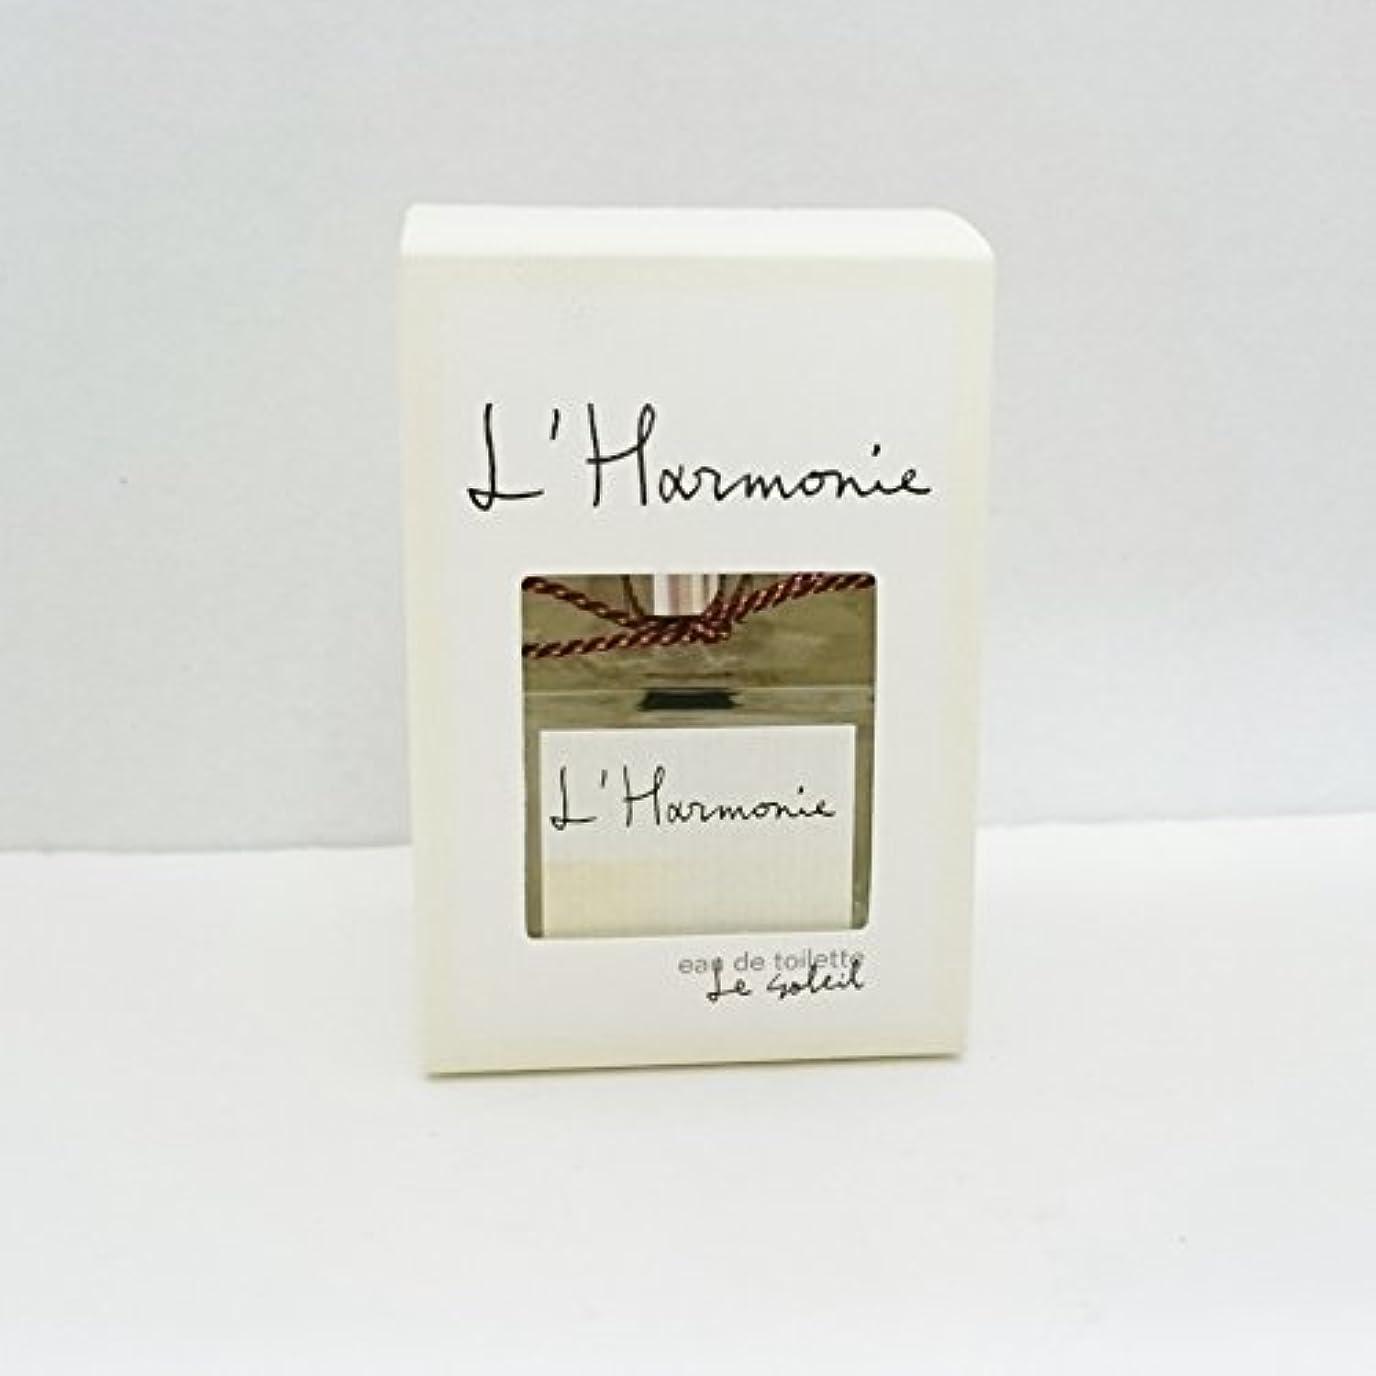 チラチラするダンス雪だるまLothantique(ロタンティック) L' Harmonie(アルモニ) オードトワレ 50ml 「Le soleil(ソレイユ)」 4994228024572